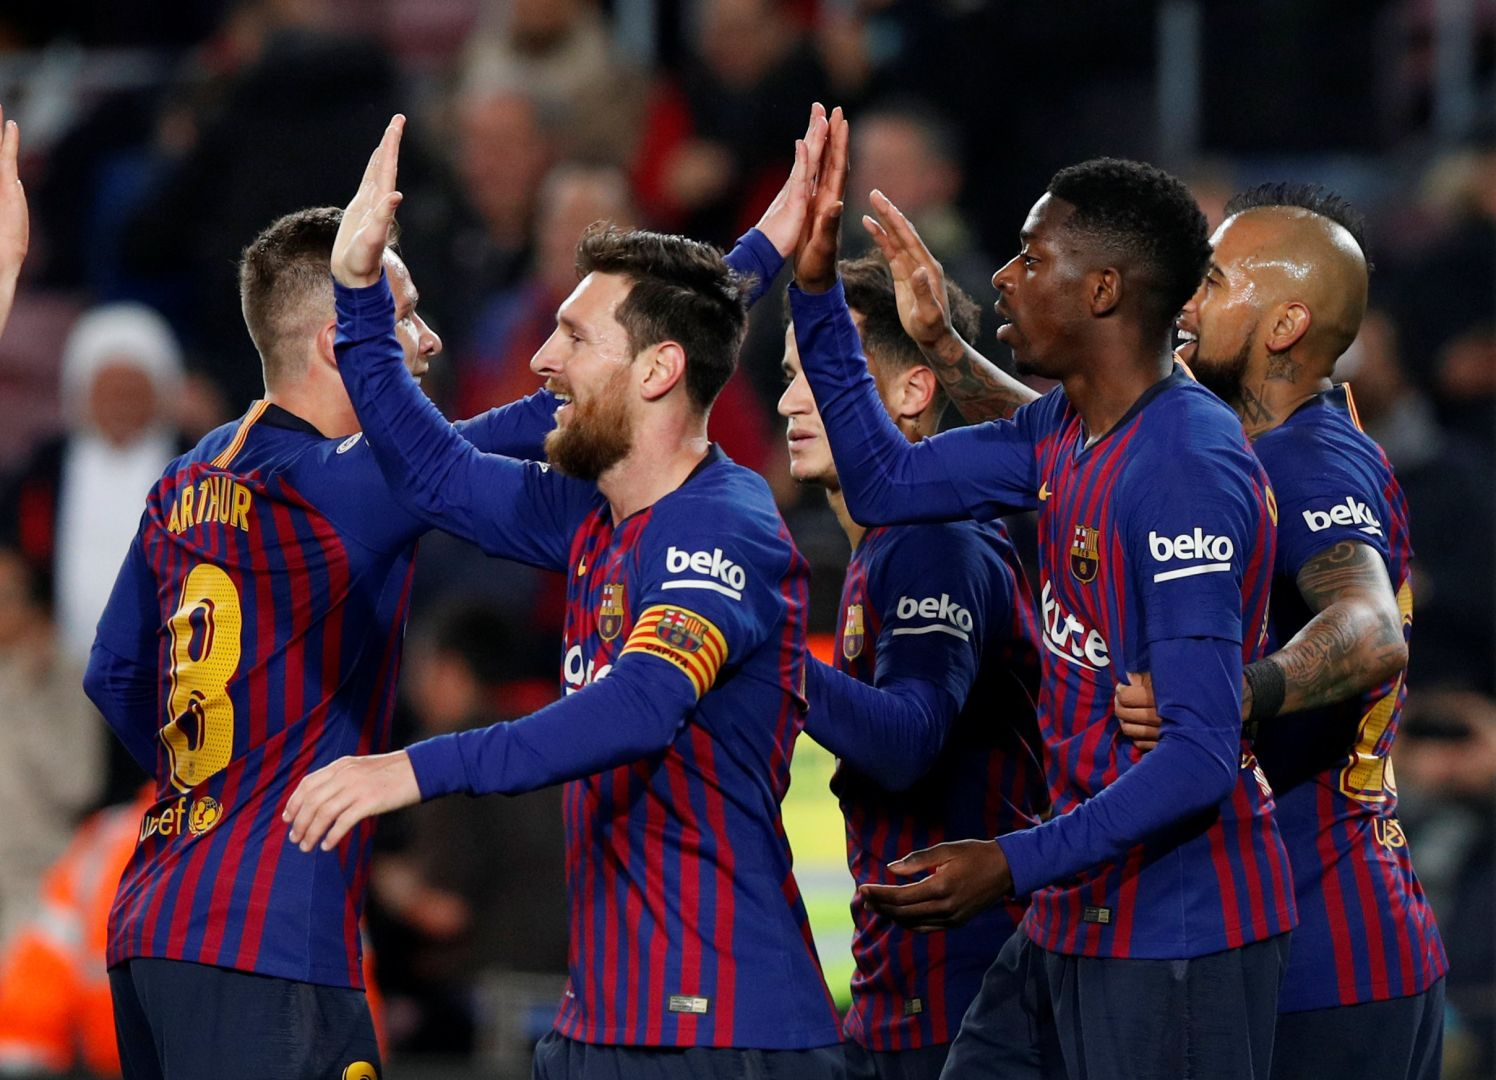 Sevilla-Barcelona 21:30 23.01.19